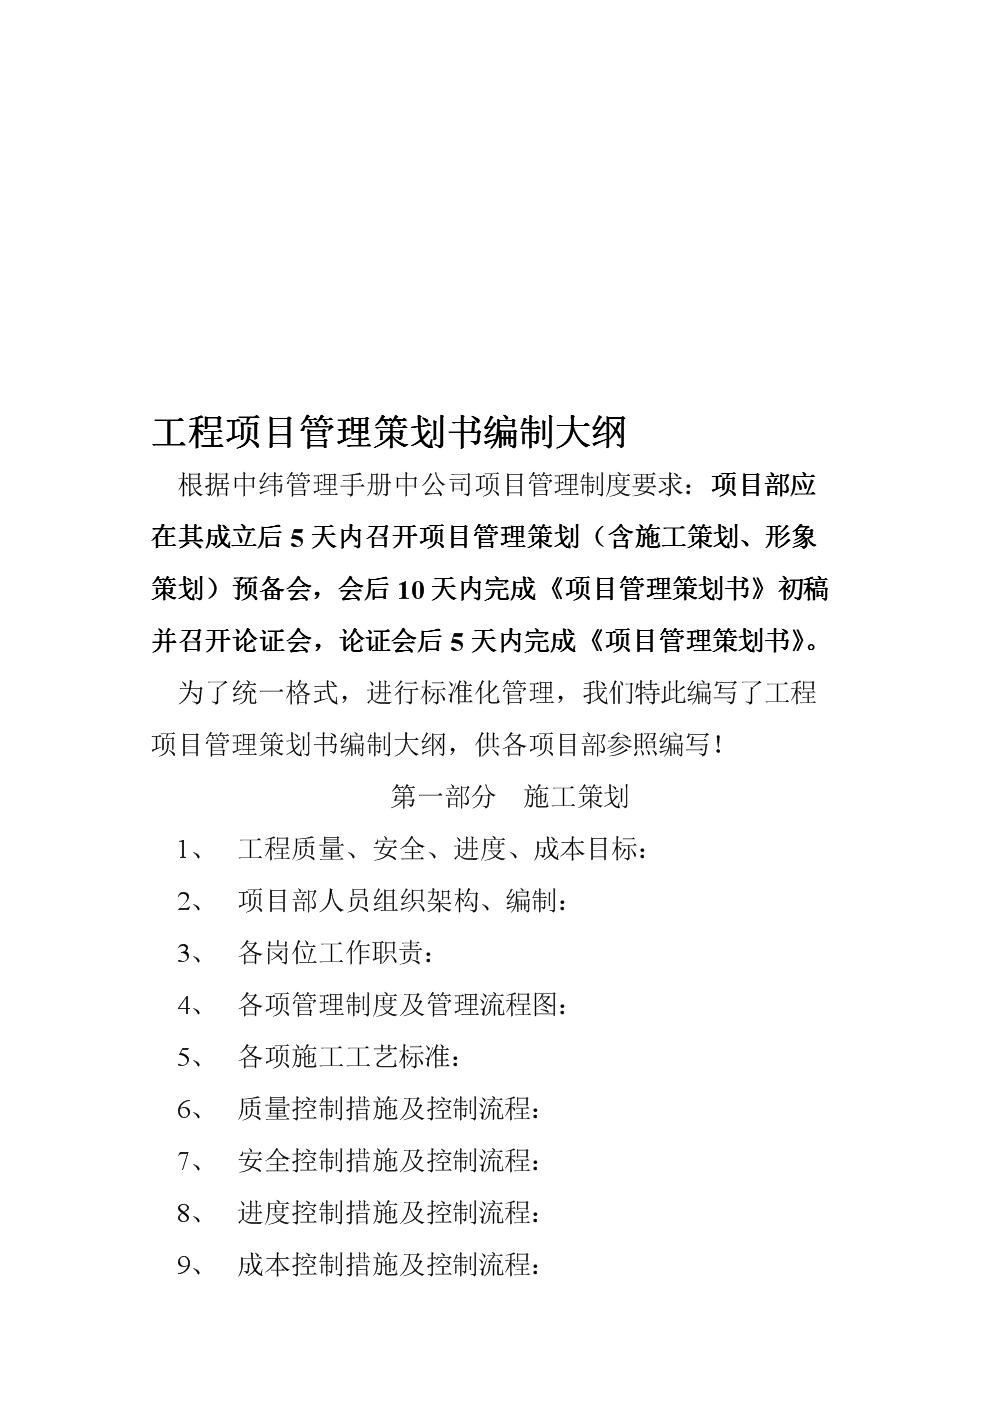 工程项目管理策划书编制大纲.doc